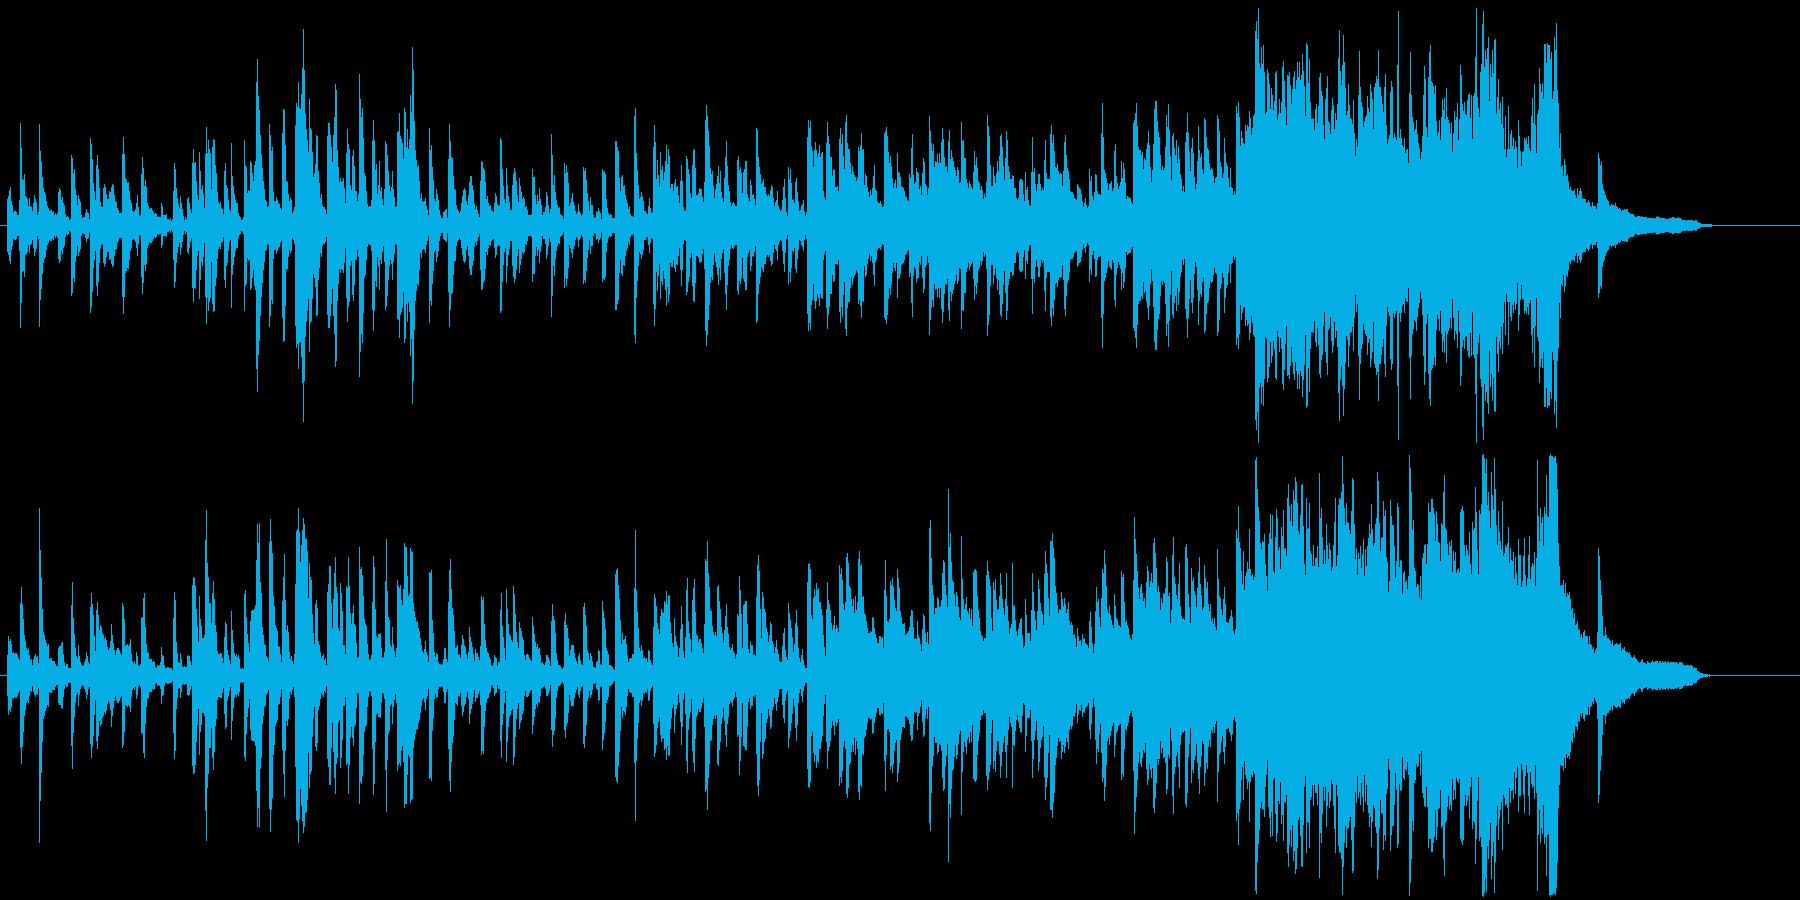 ストリングスが軽快で爽やかなBGMの再生済みの波形